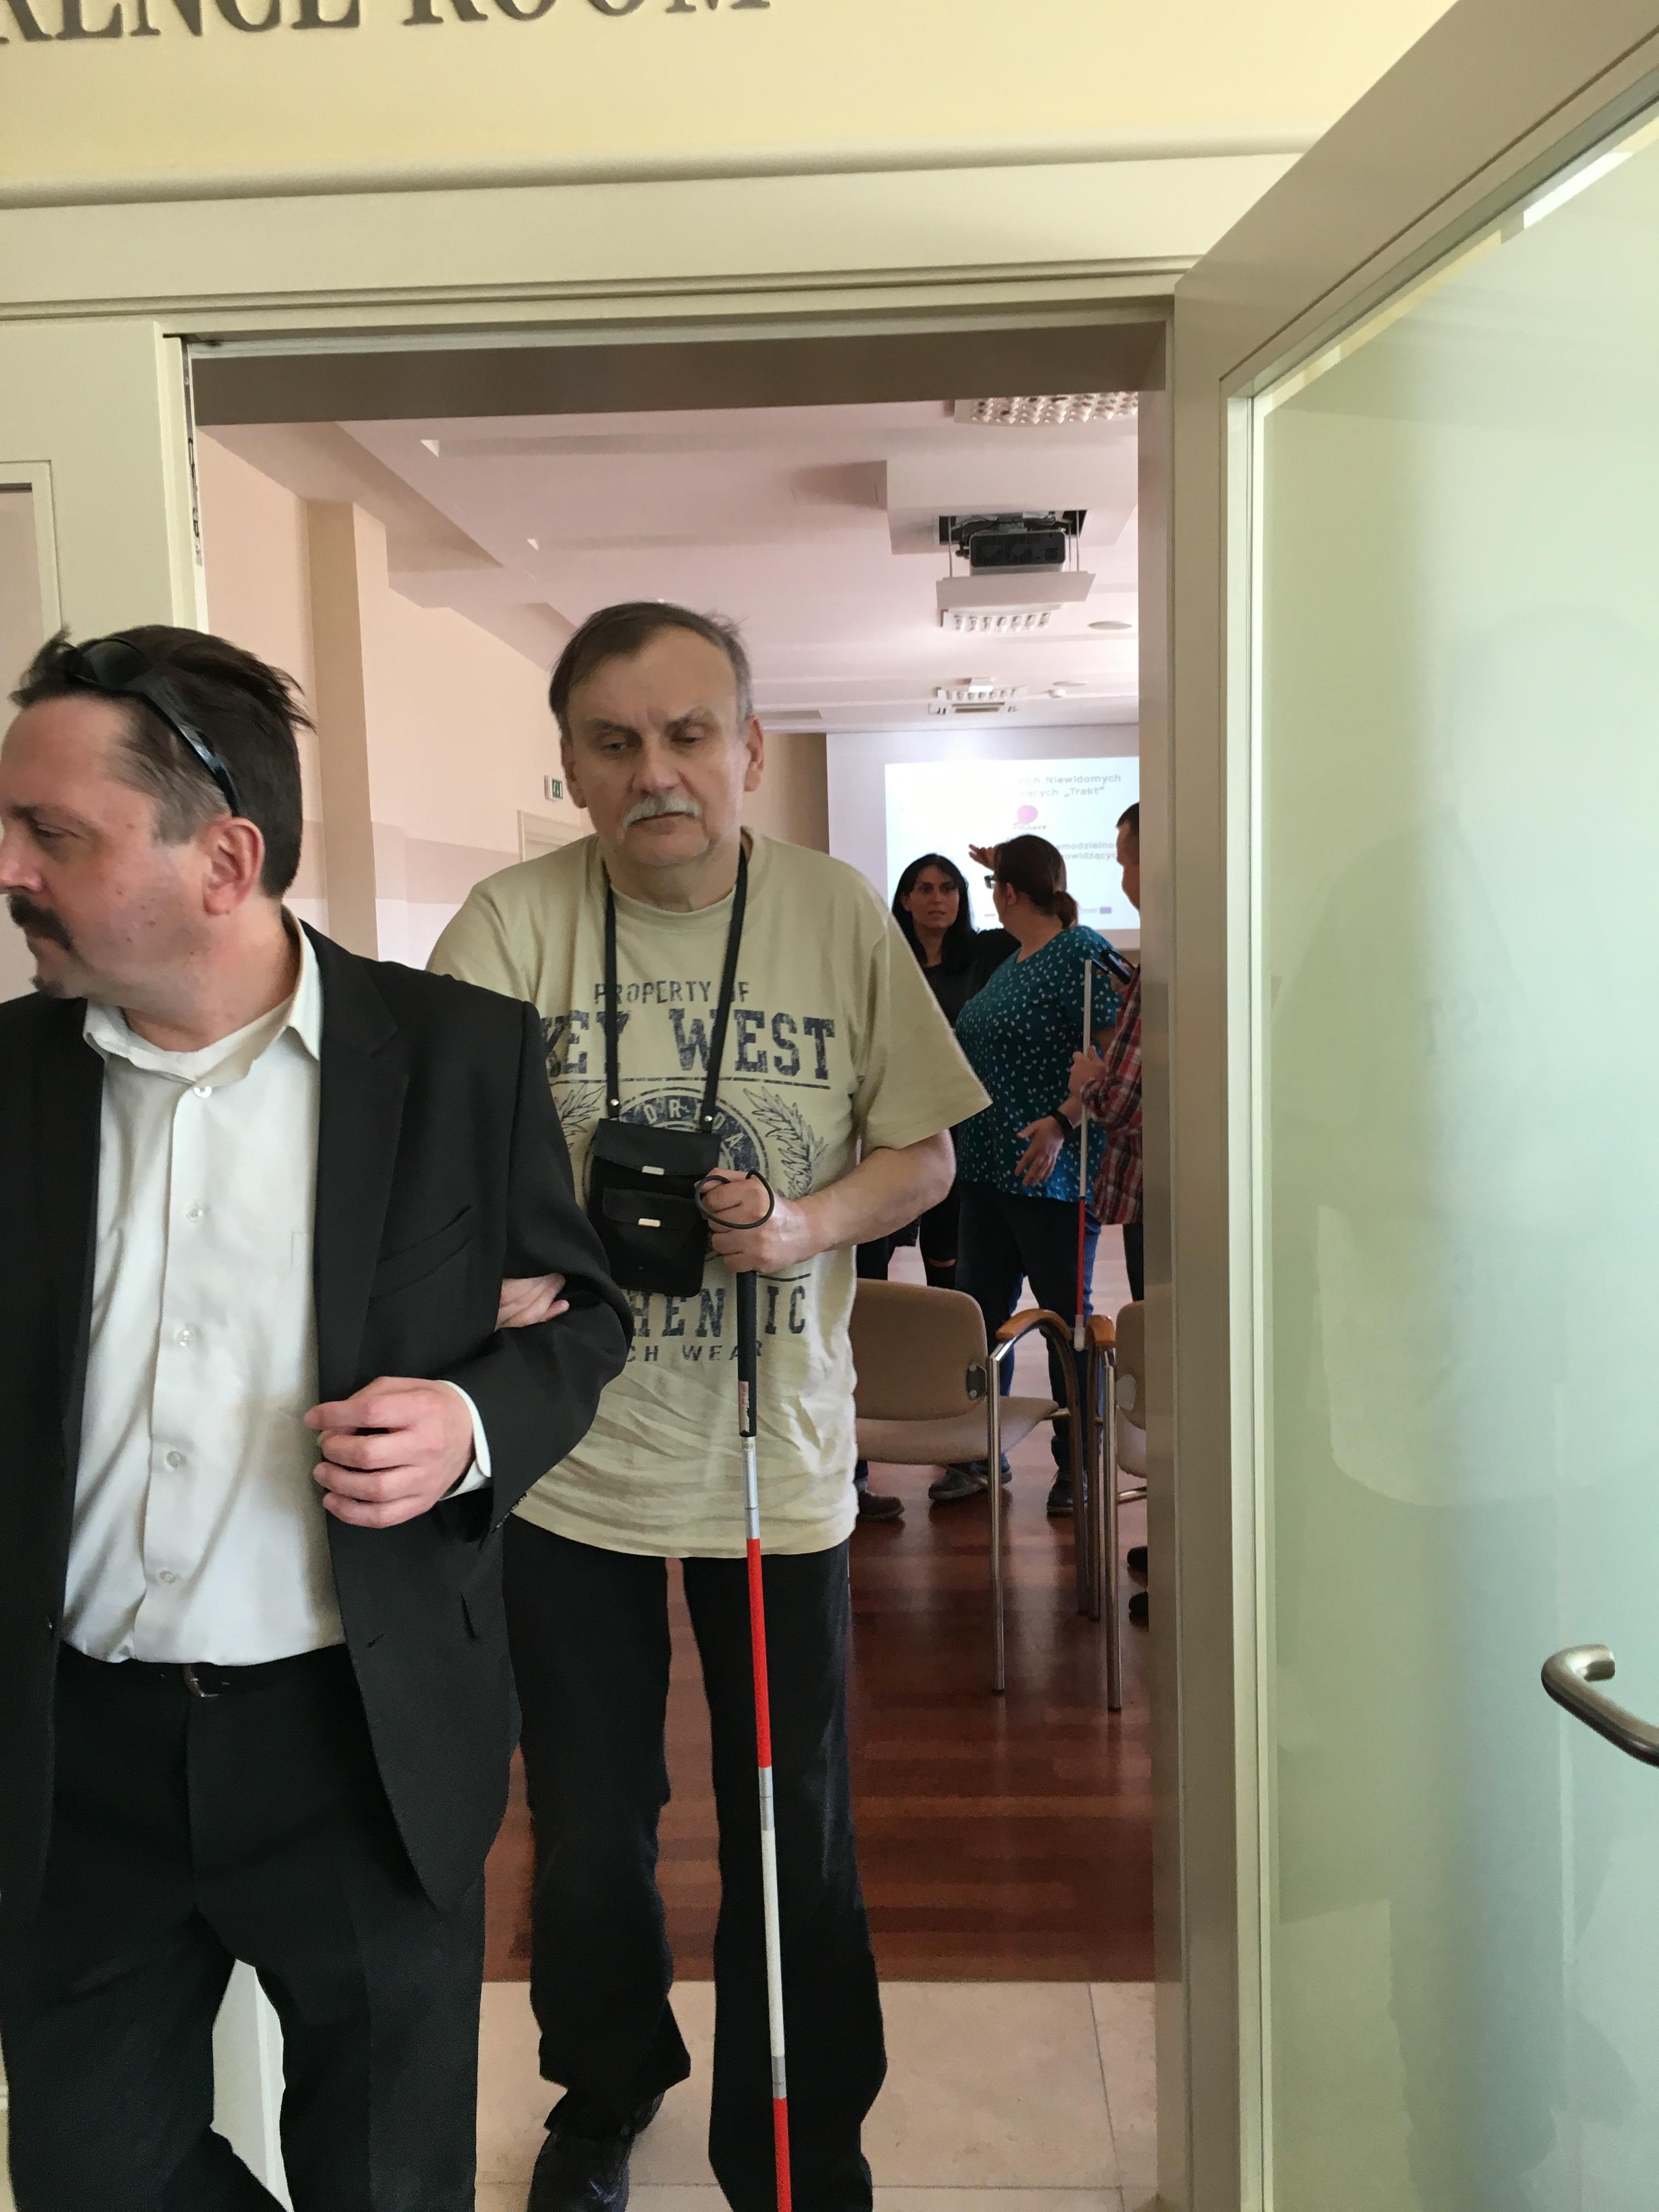 Dwaj panowie wychodzący z sali. Jeden z nich w czarnym garniturze i białej koszuli. Drugi w przejściu do hallu, w białej podkoszulce, trzyma w ręku laskę.